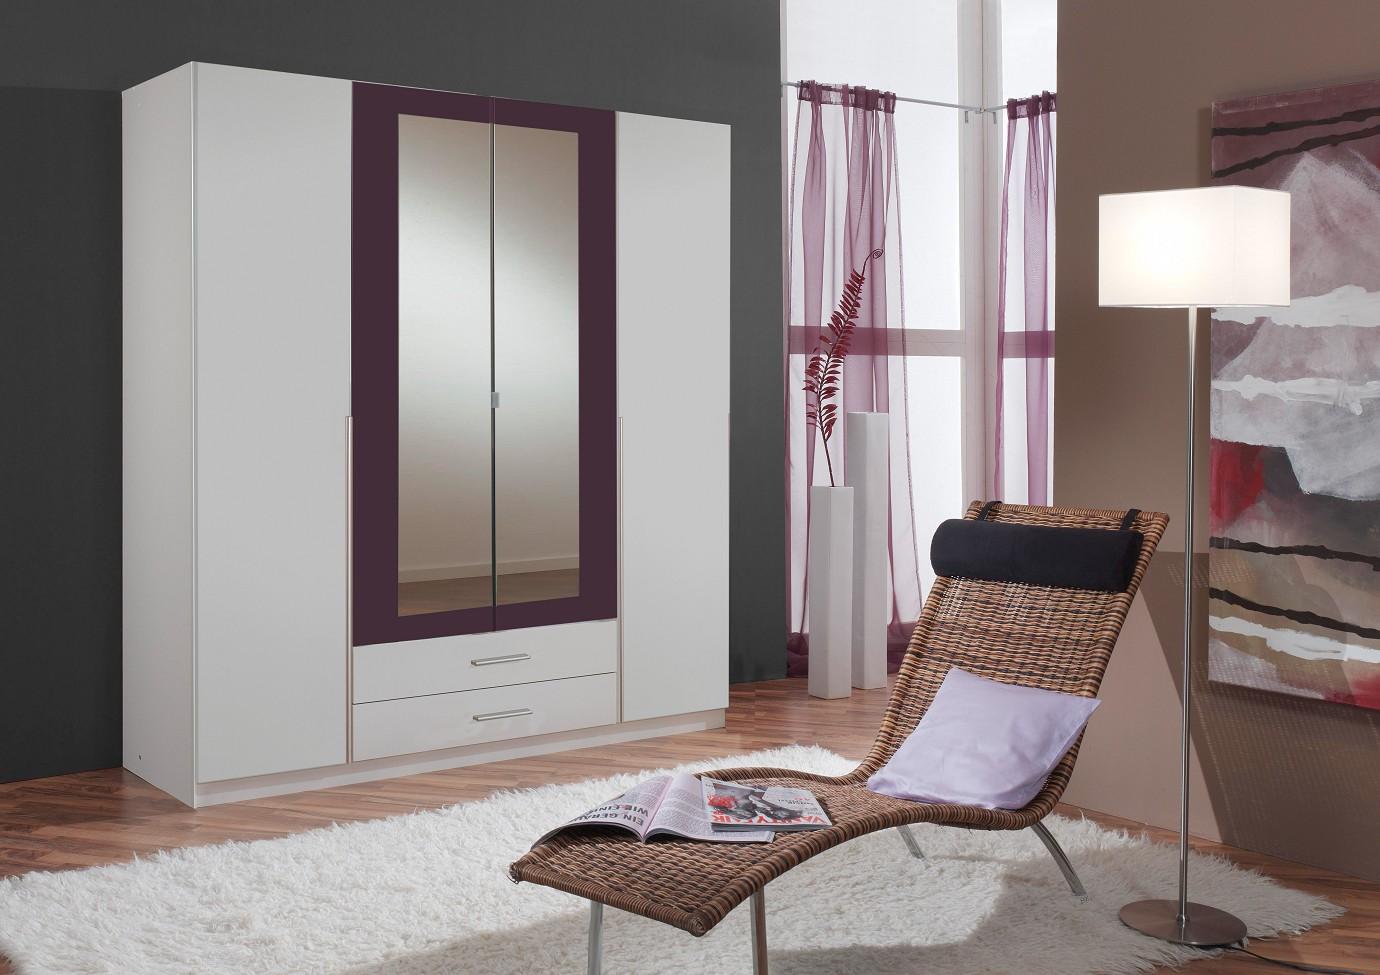 Schlafzimmer brombeer komplett kleiderschr nke gr n einrichtungsideen schlafzimmer ikea - Brombeer wandfarbe ...